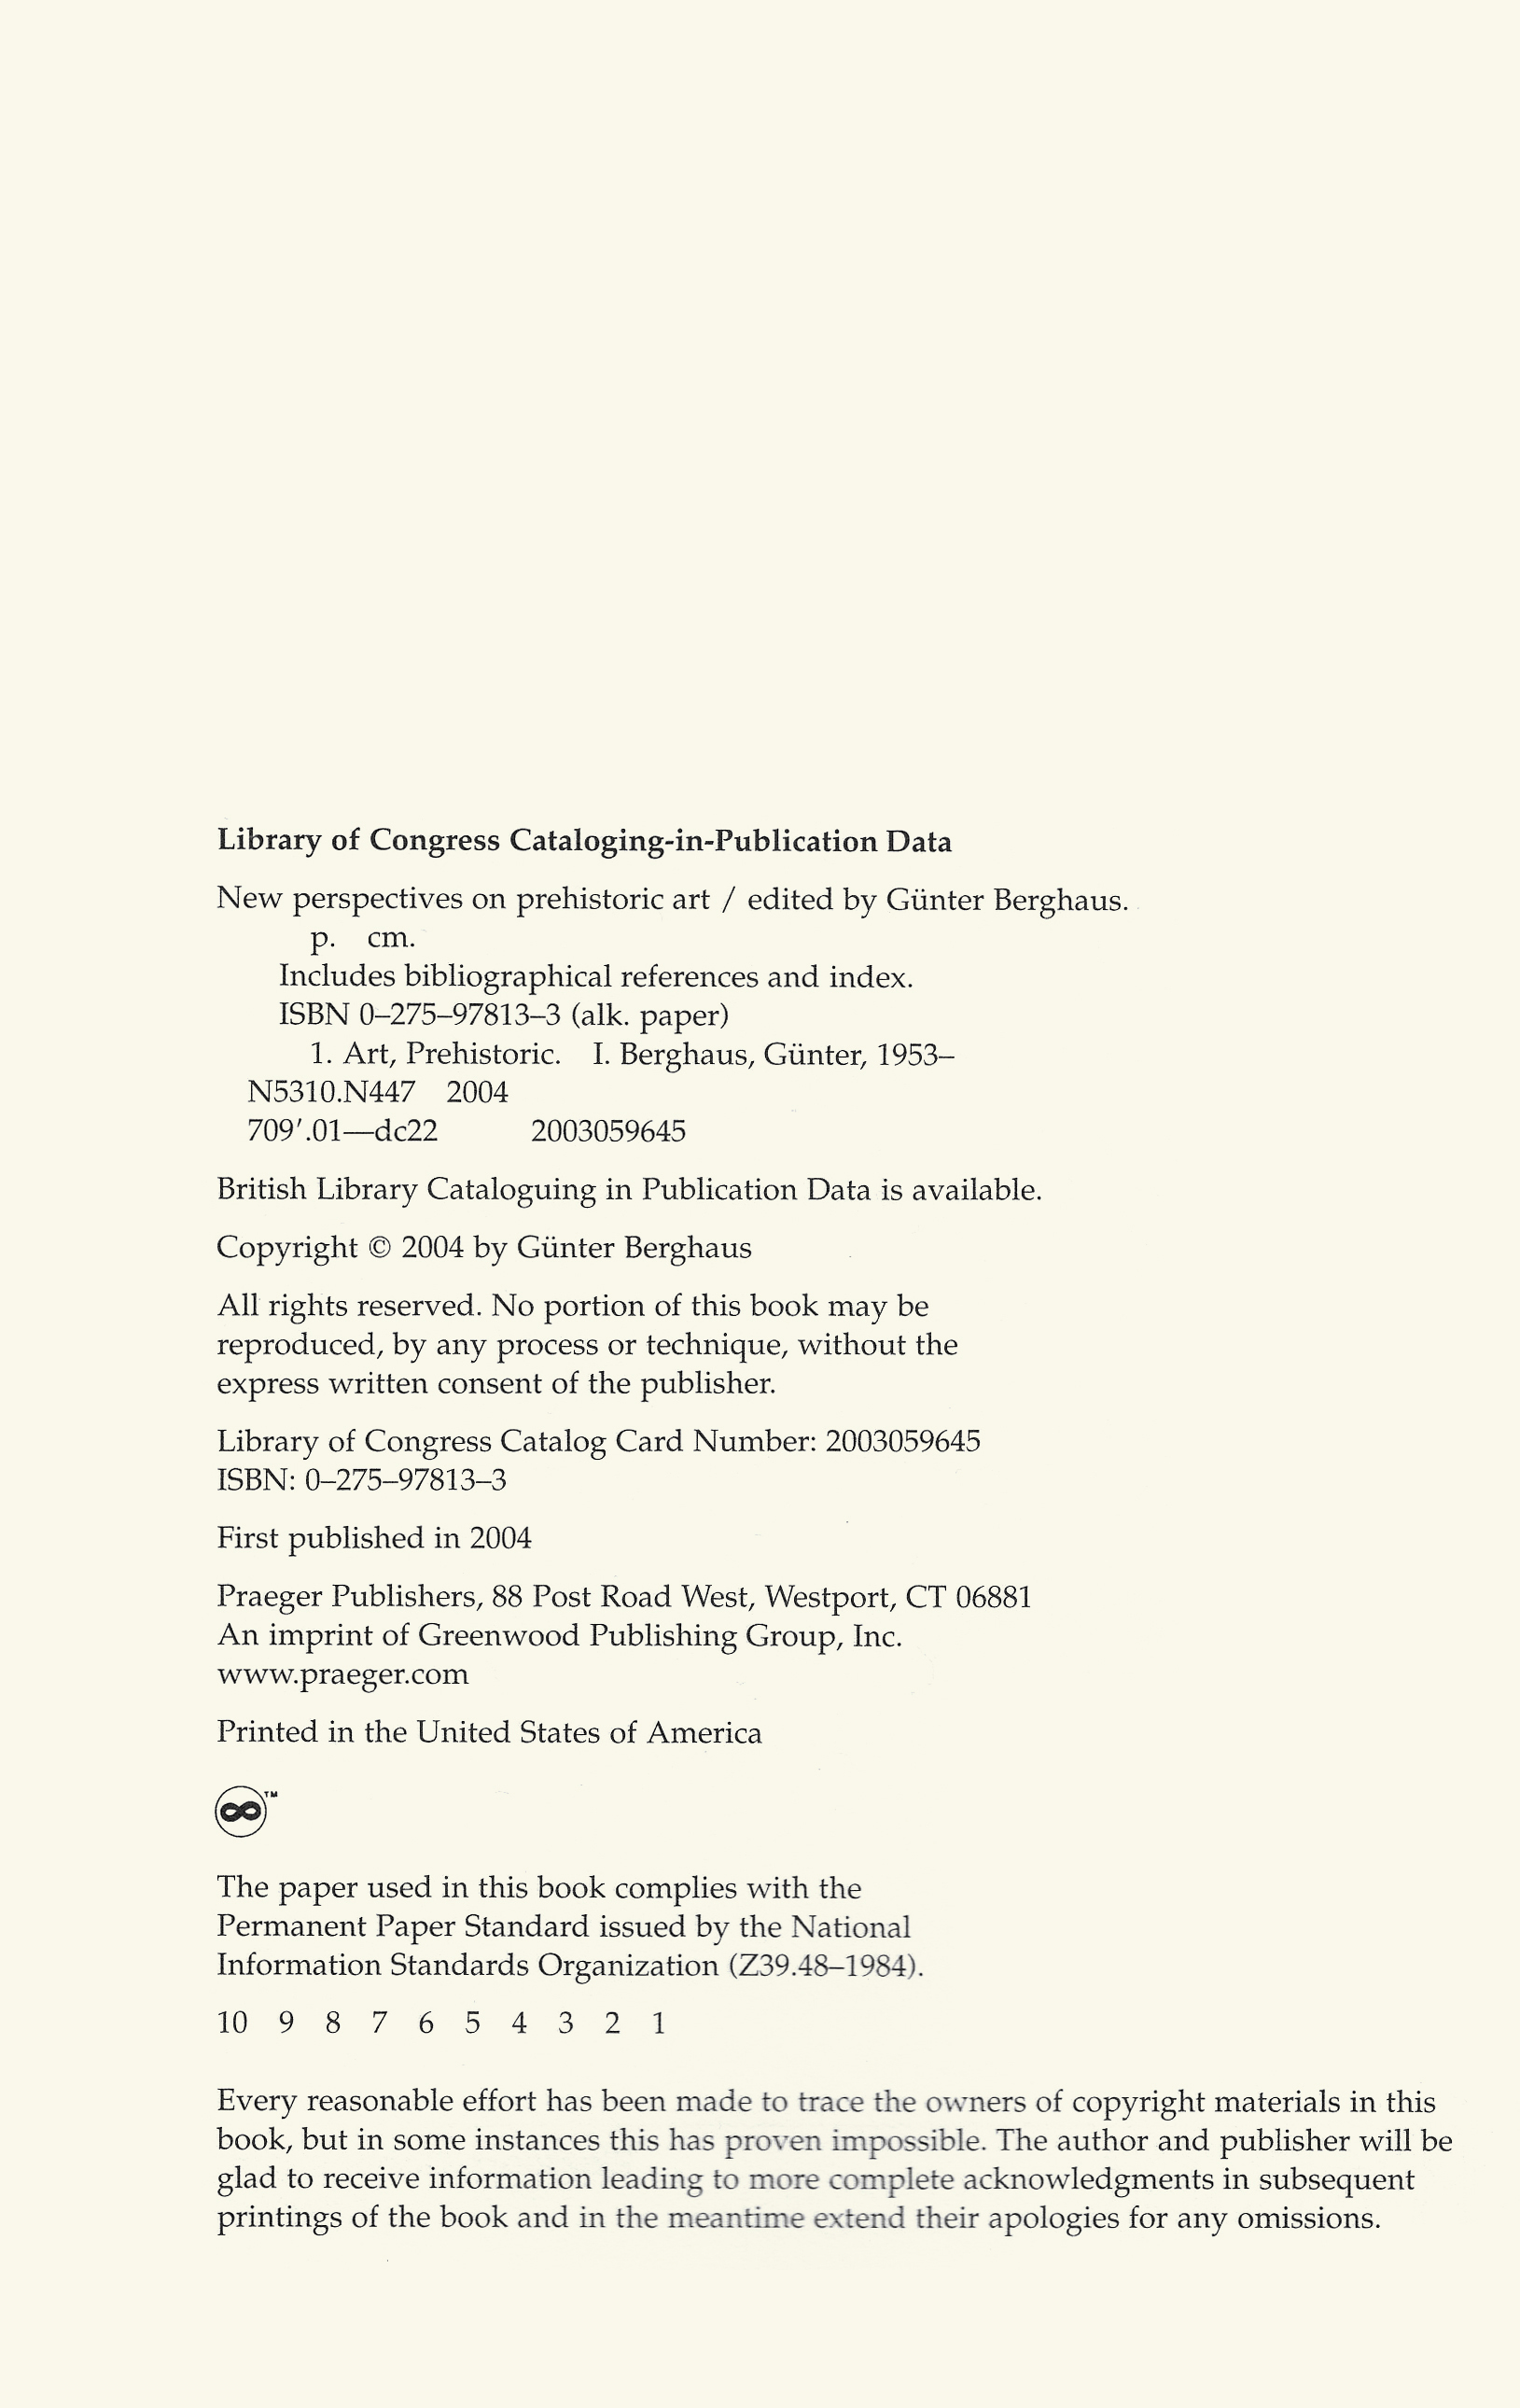 CIP and Copyrigth Notice